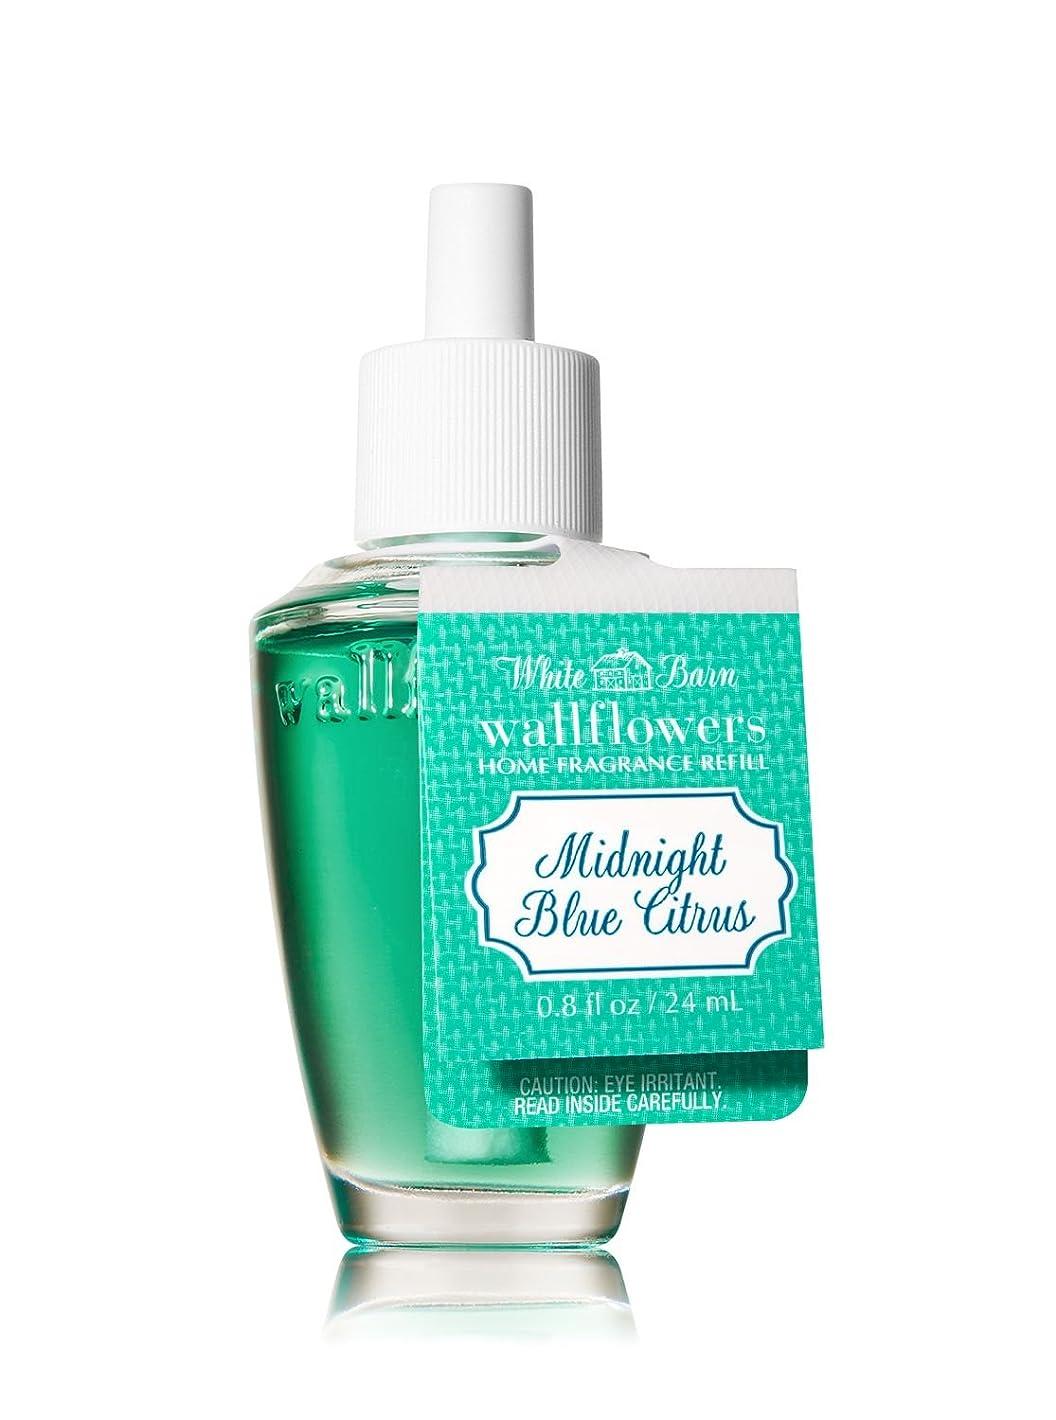 見習い委員会ブランド名【Bath&Body Works/バス&ボディワークス】 ルームフレグランス 詰替えリフィル ミッドナイトブルーシトラス Wallflowers Home Fragrance Refill Midnight Blue Citrus [並行輸入品]